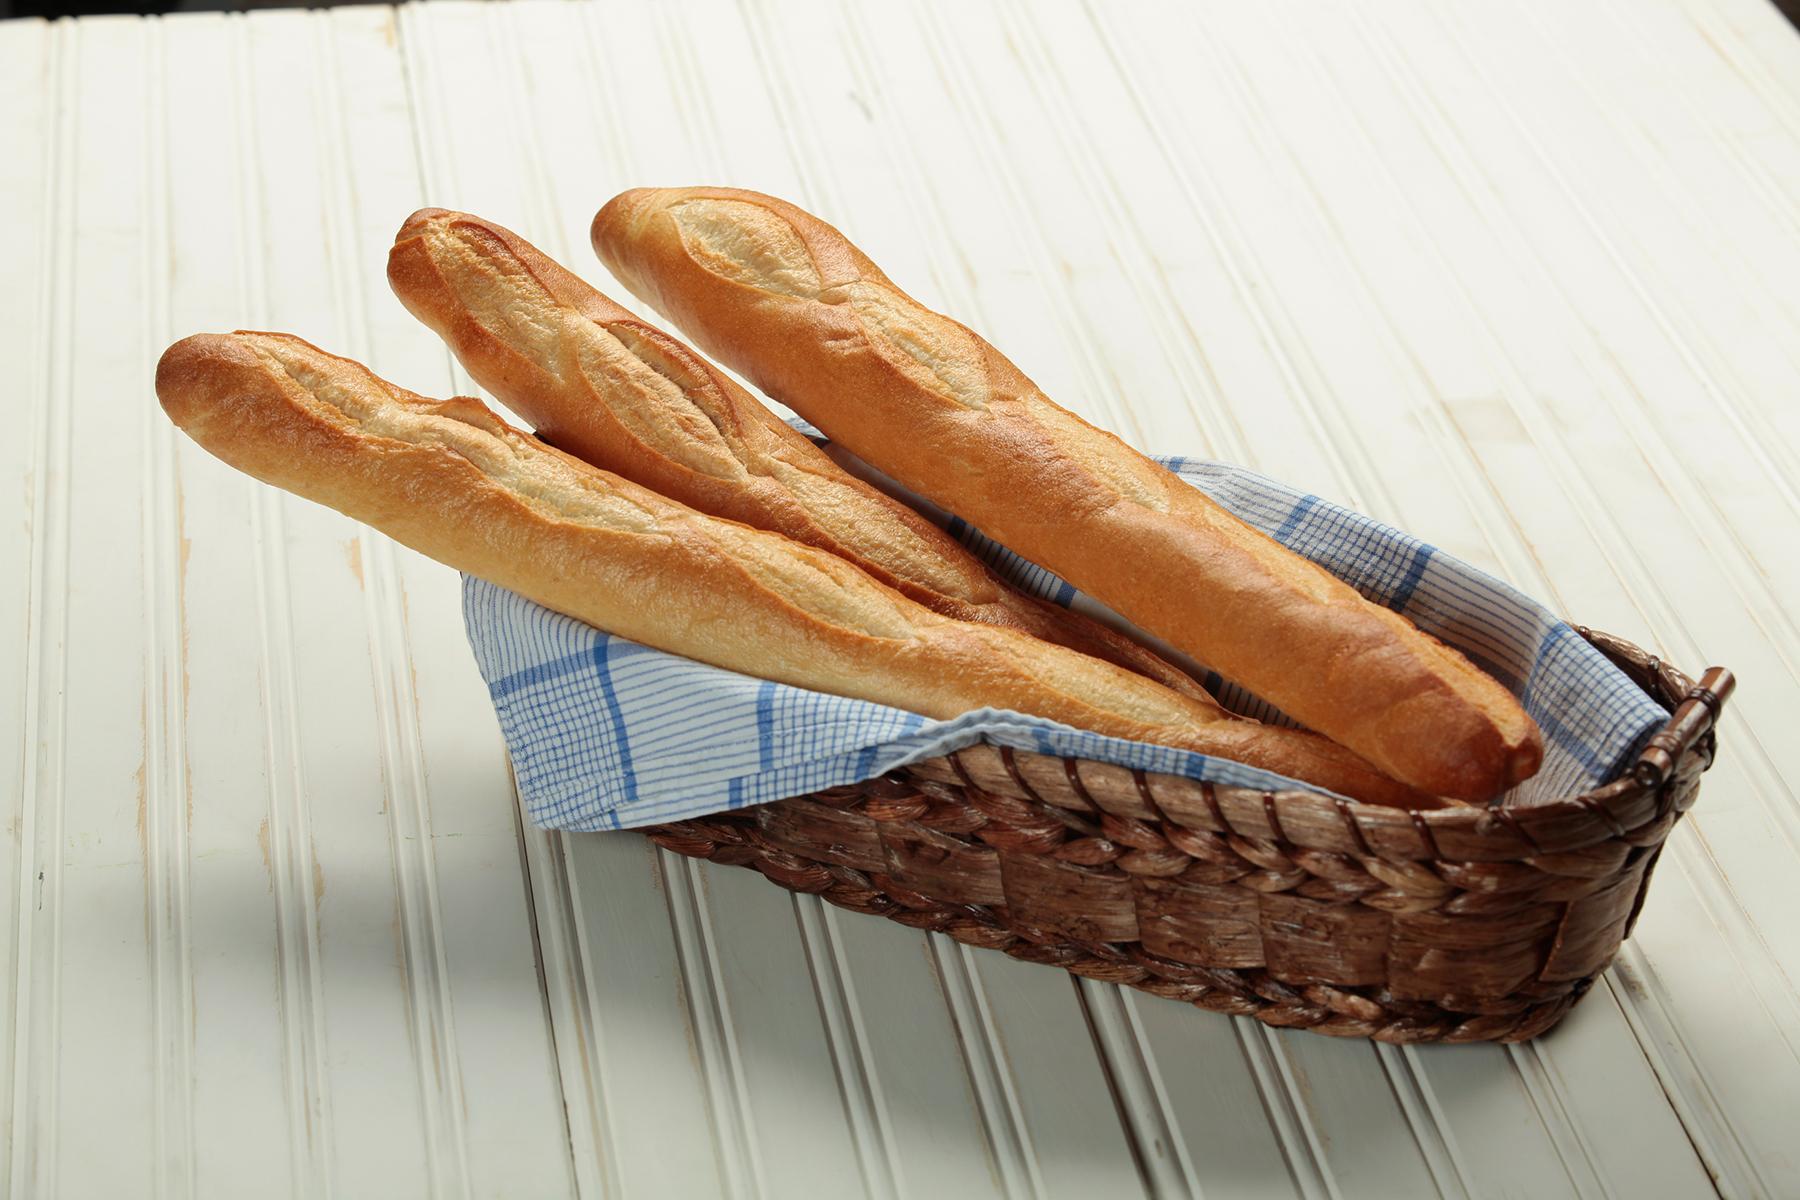 French Ficelle   Olde Hearth Bread Company   Orlando, Florida